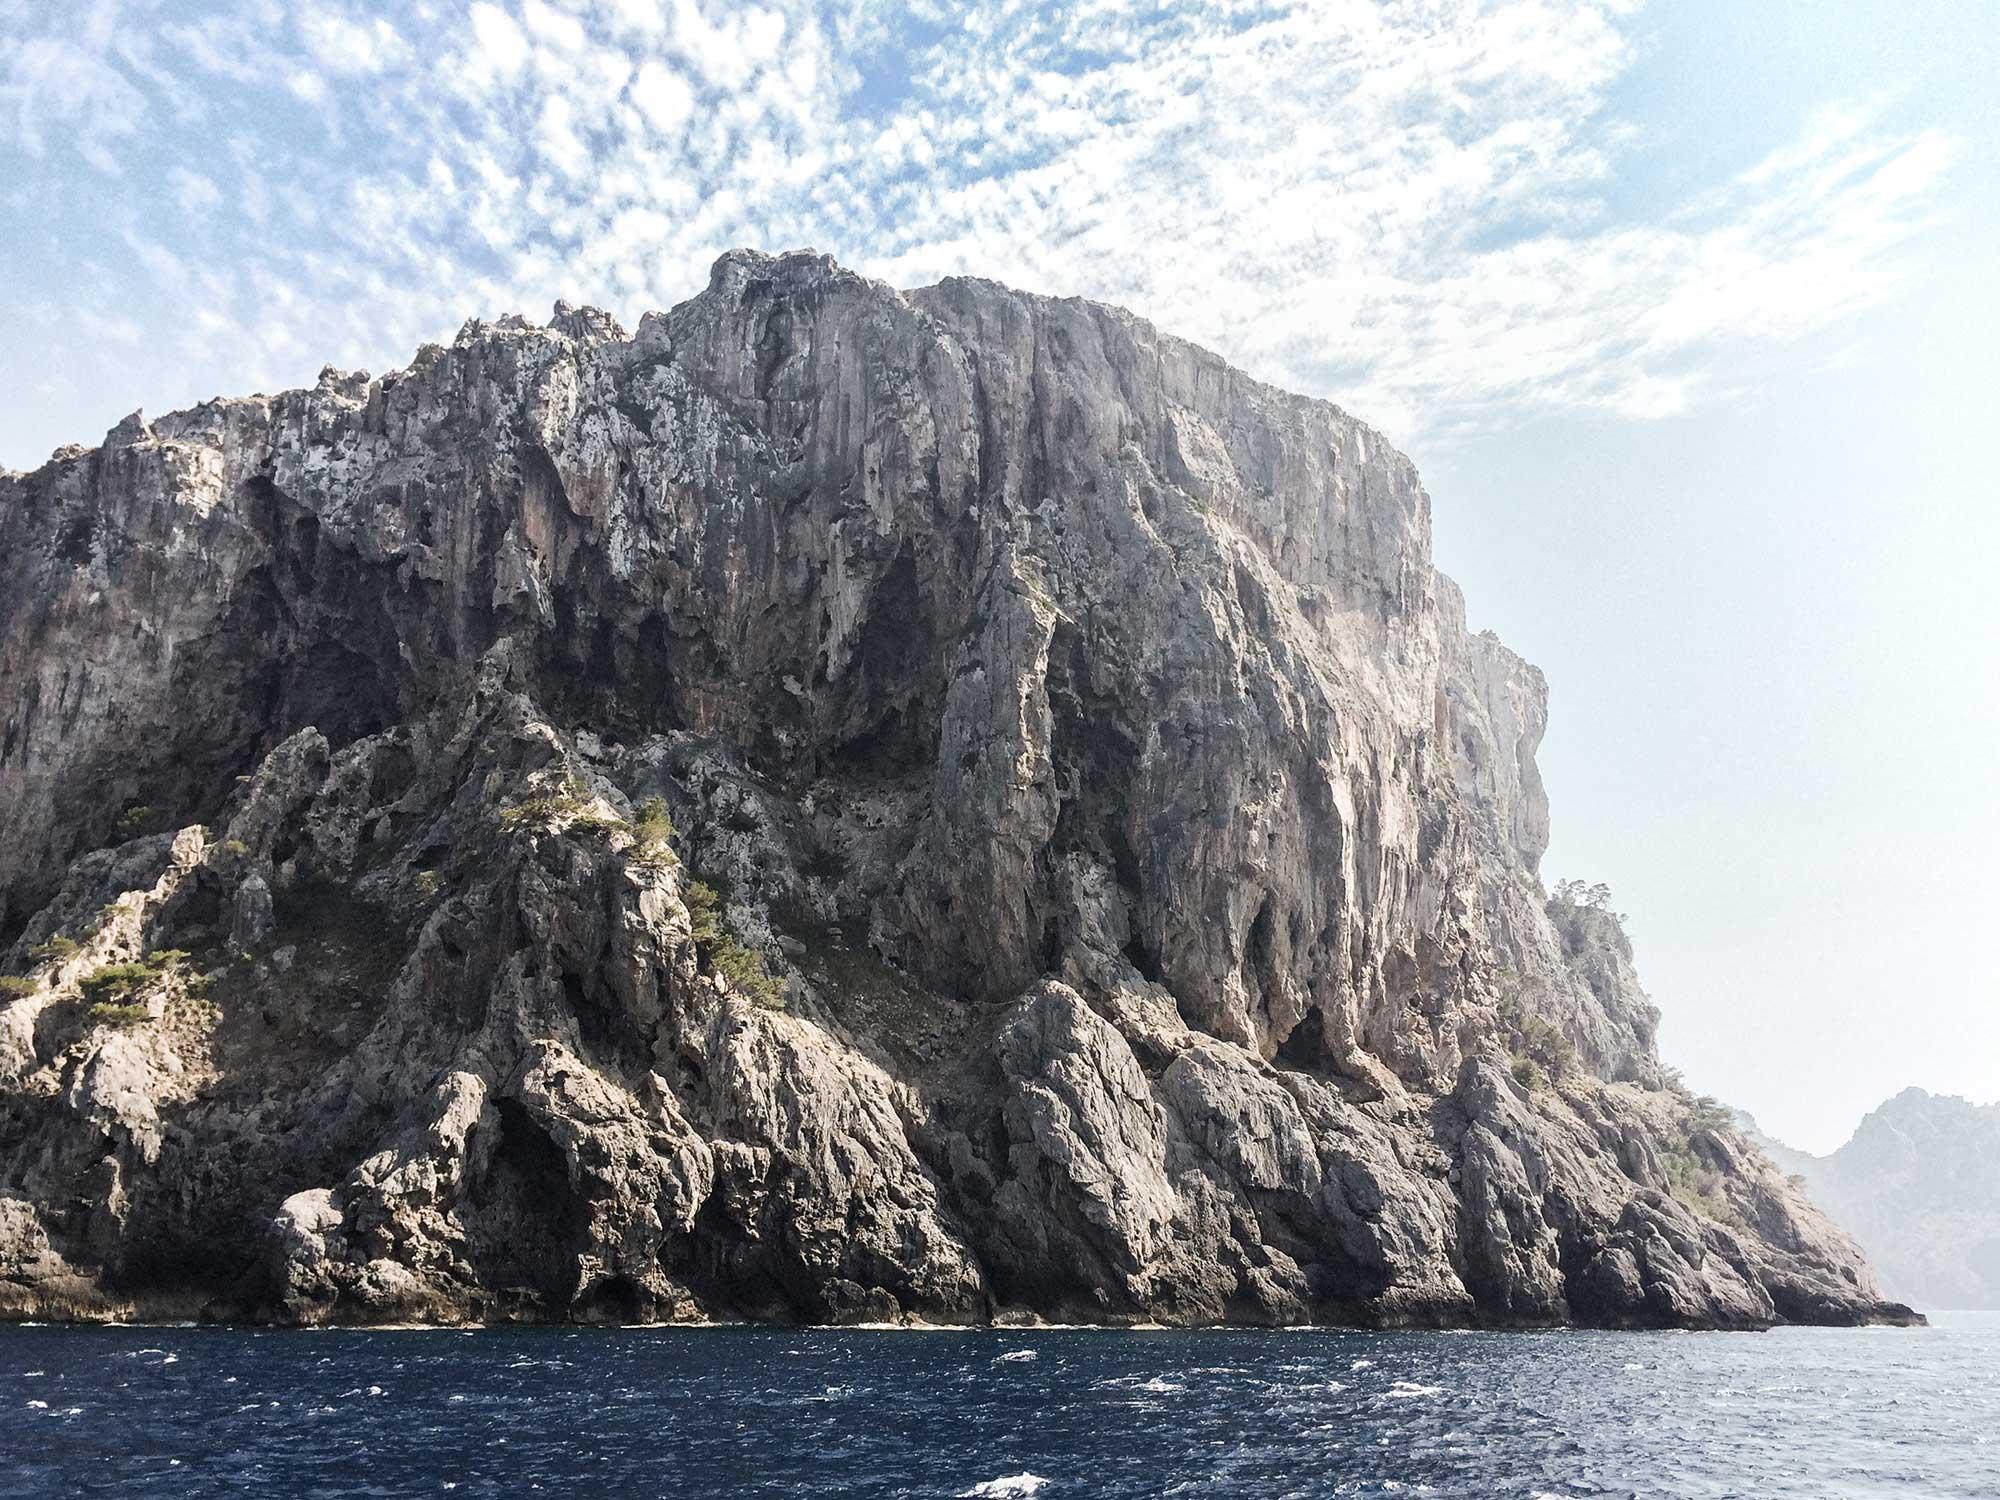 TDP-65-cliffs-on-ferry-ride-to-soller-torrent-de-pareis-mallorca-day-hike.jpg